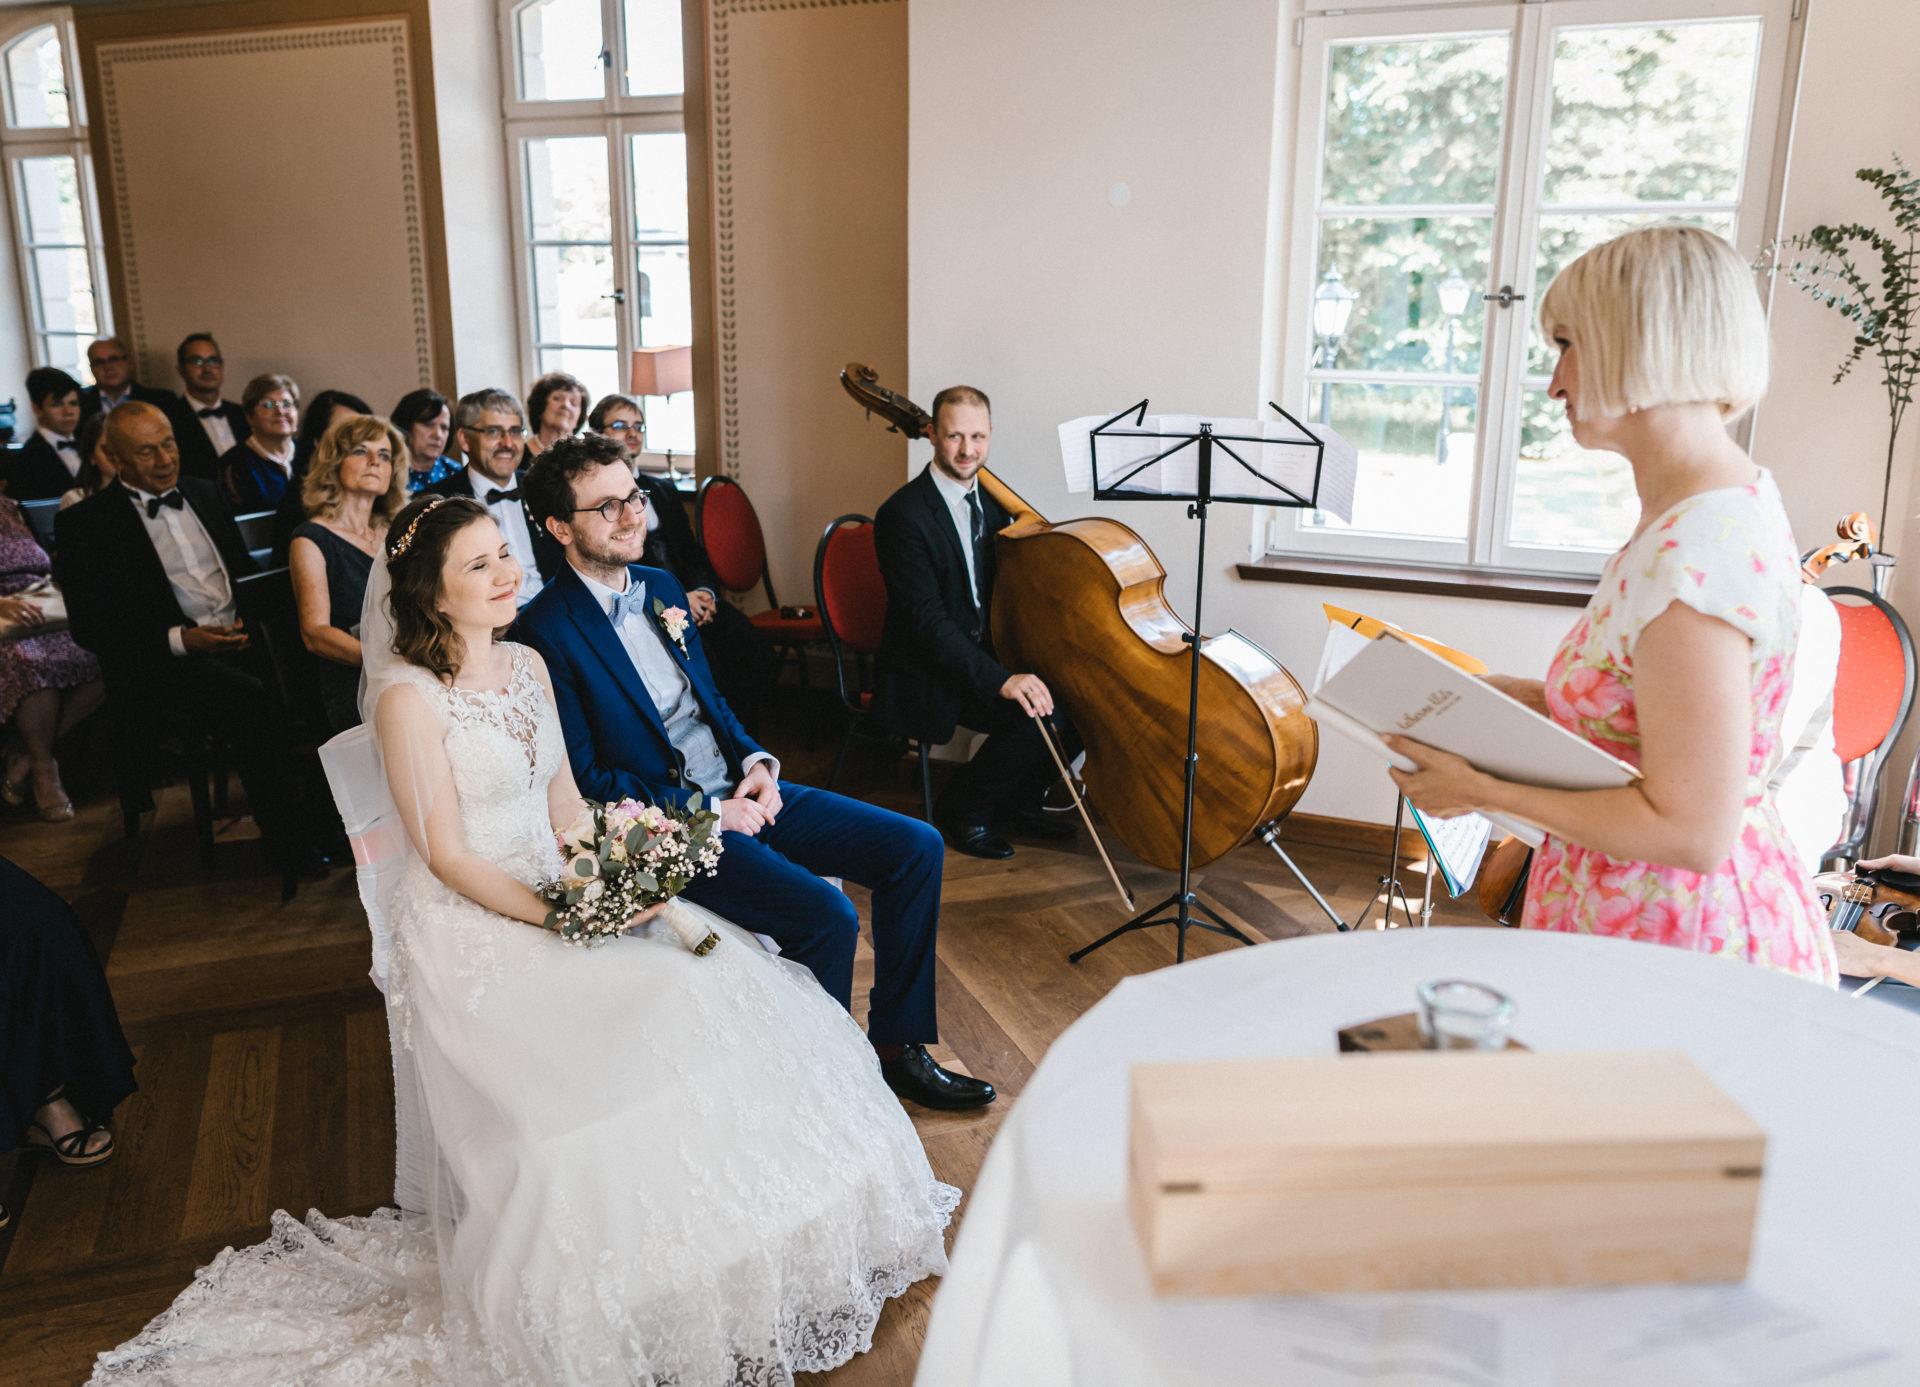 Hochzeitsreportage | Freie Trauung im Herrenhaus Möckern in Leipzig | 15